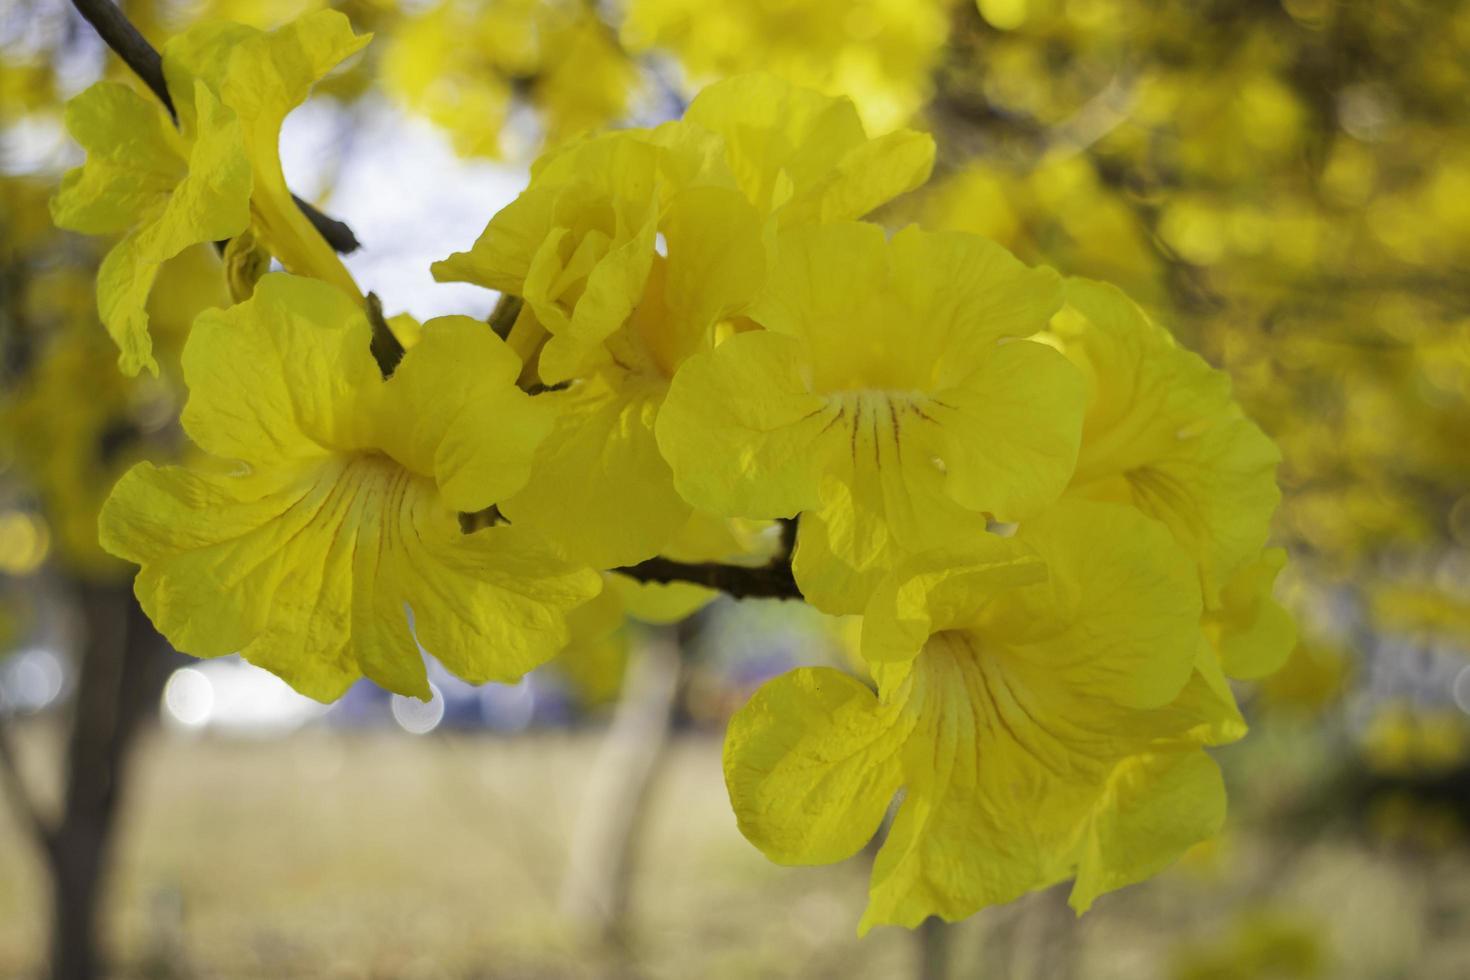 bel fiore giallo estate fiore foto